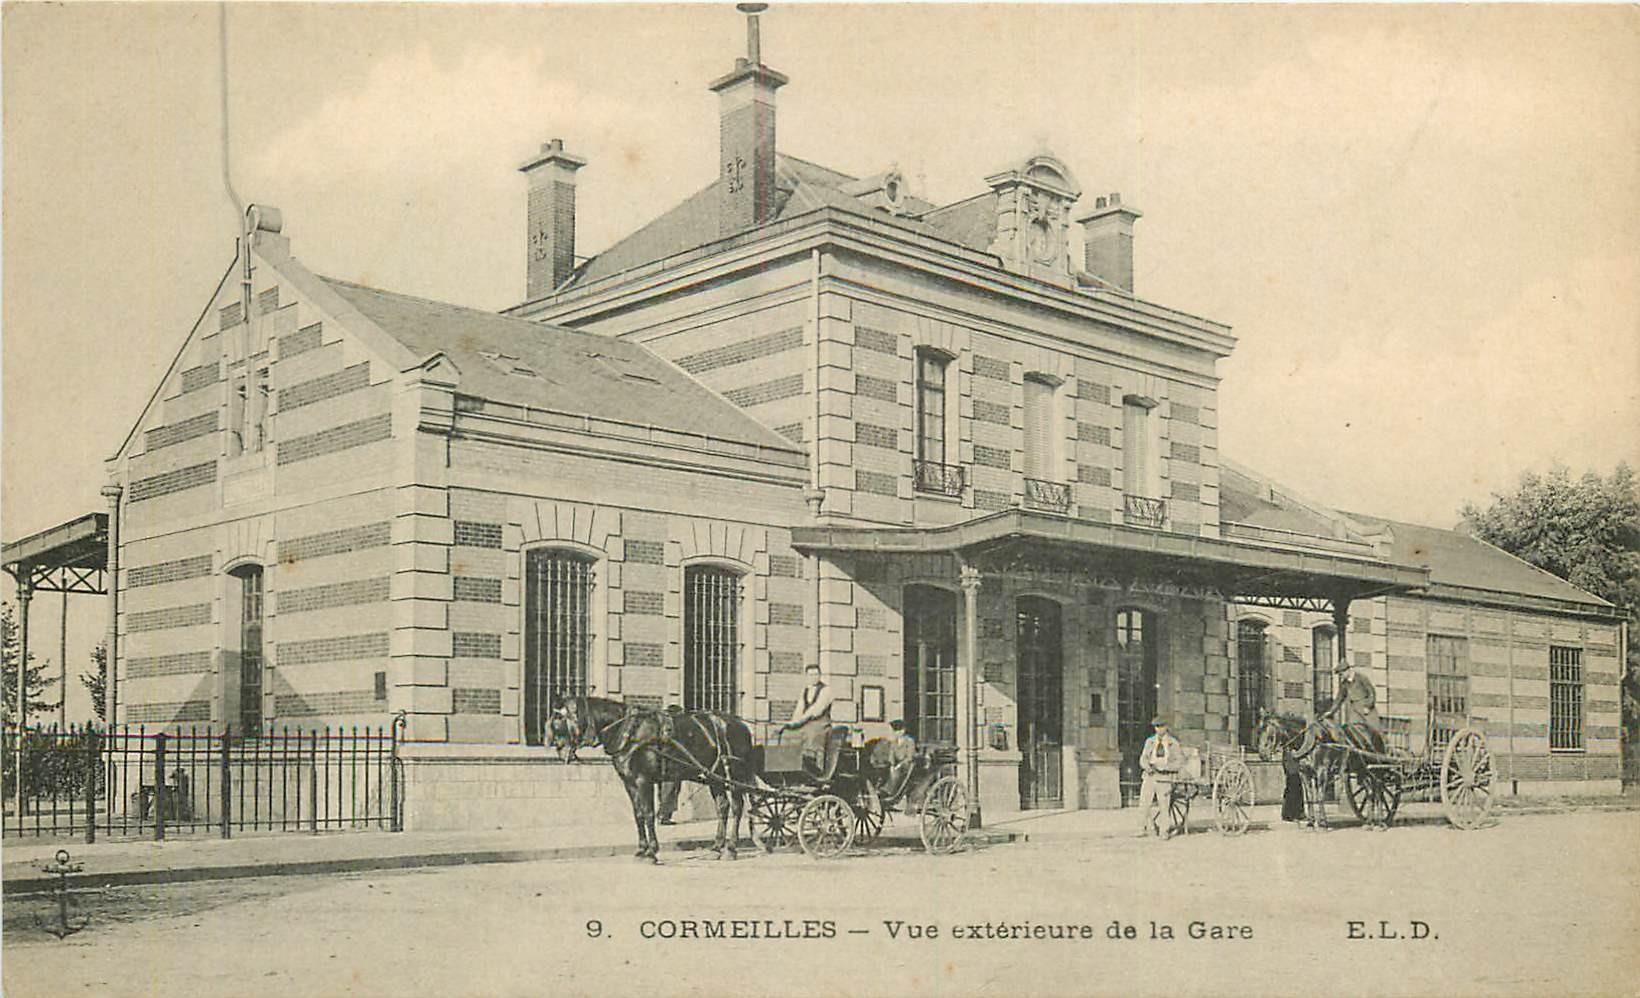 95 CORMEILLES. La Gare avec attelages